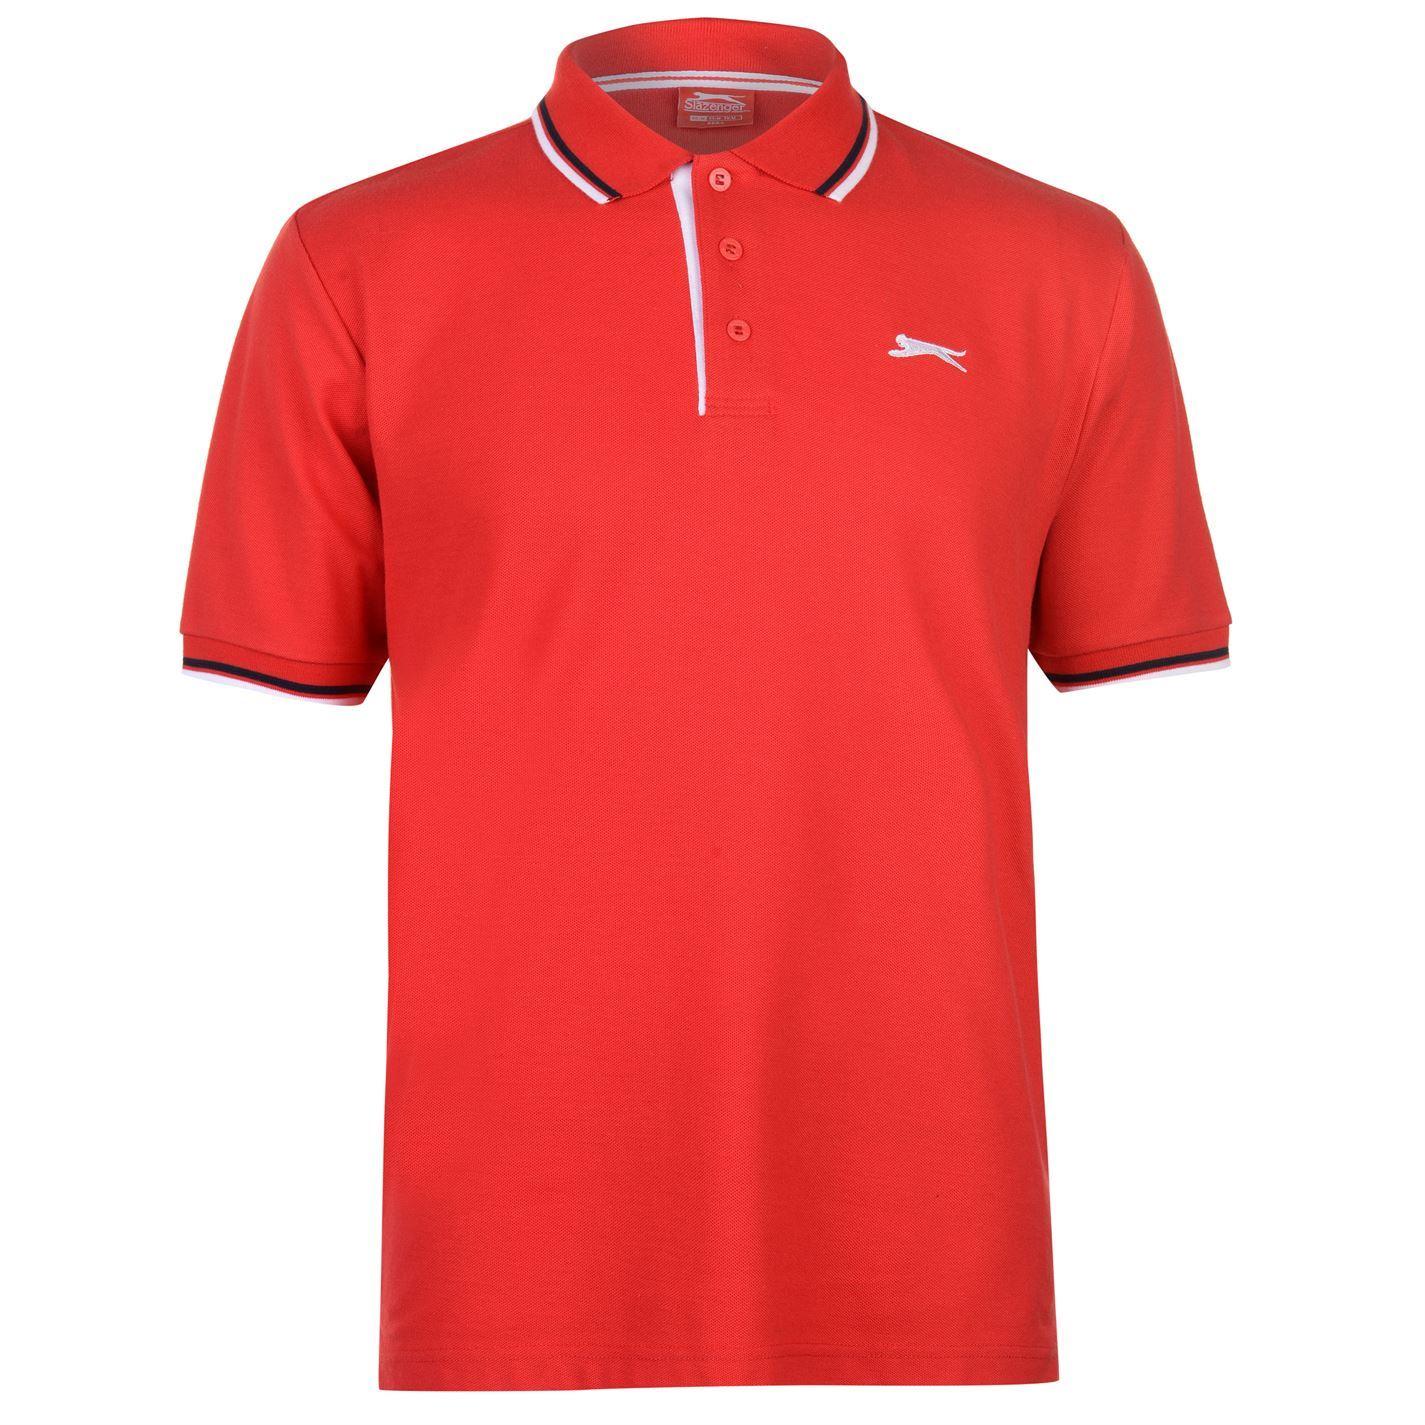 Slazenger-Polo-Camisa-de-hombre-con-cuello-con-Punta-T-Shirt-Top-Camiseta-Tee miniatura 32